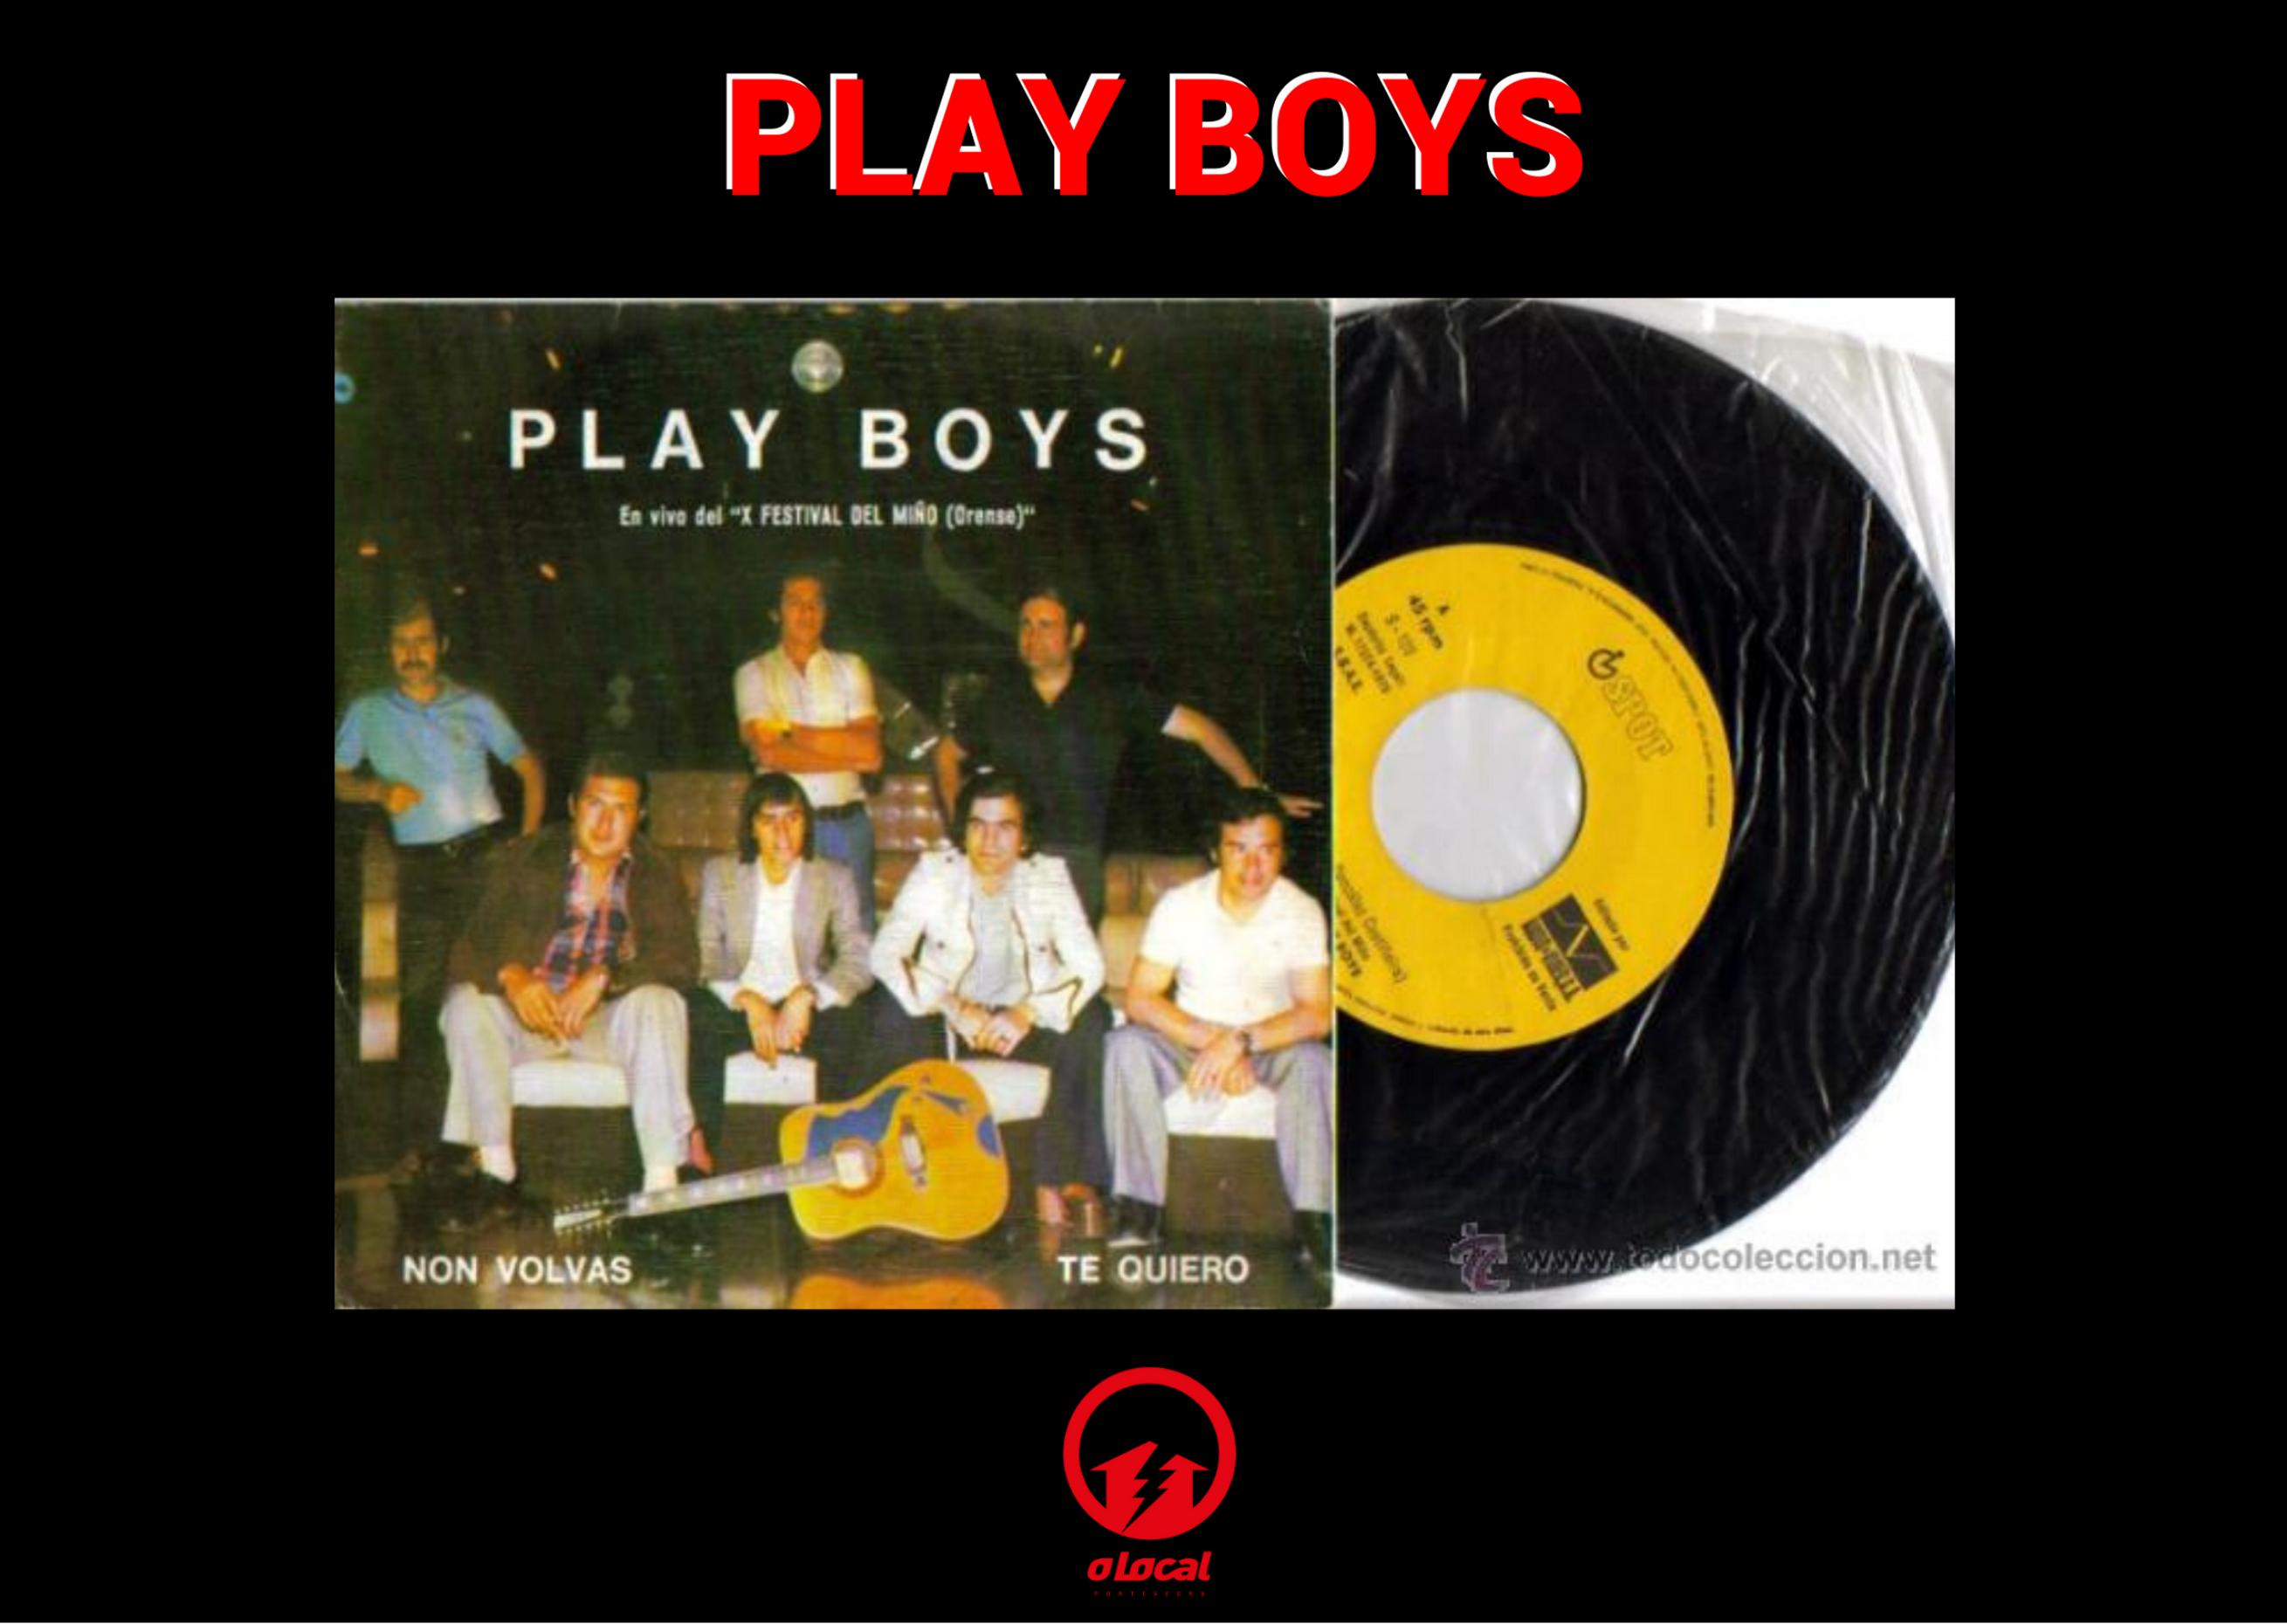 CLASE DE HISTORIA 2: PLAY BOYS